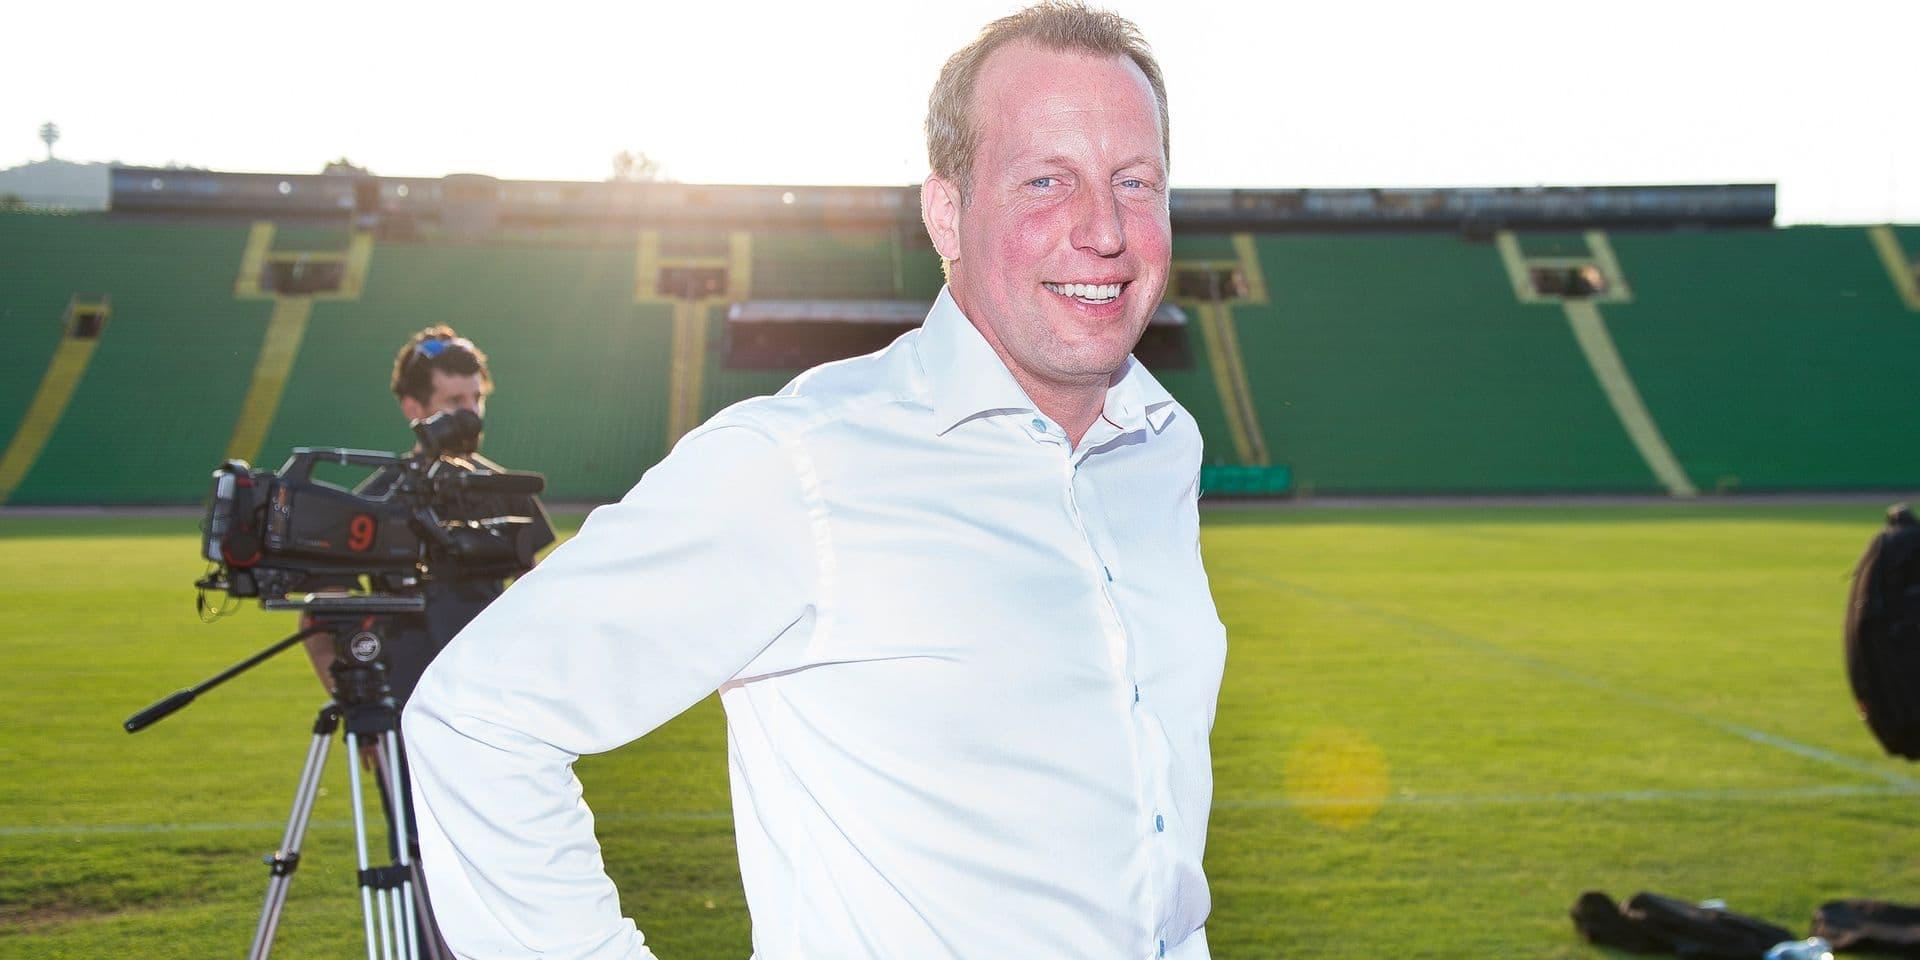 """La proposition de Bruno Venanzi pour redorer l'image du foot belge : """"Les joueurs doivent payer eux-mêmes leurs agents"""""""